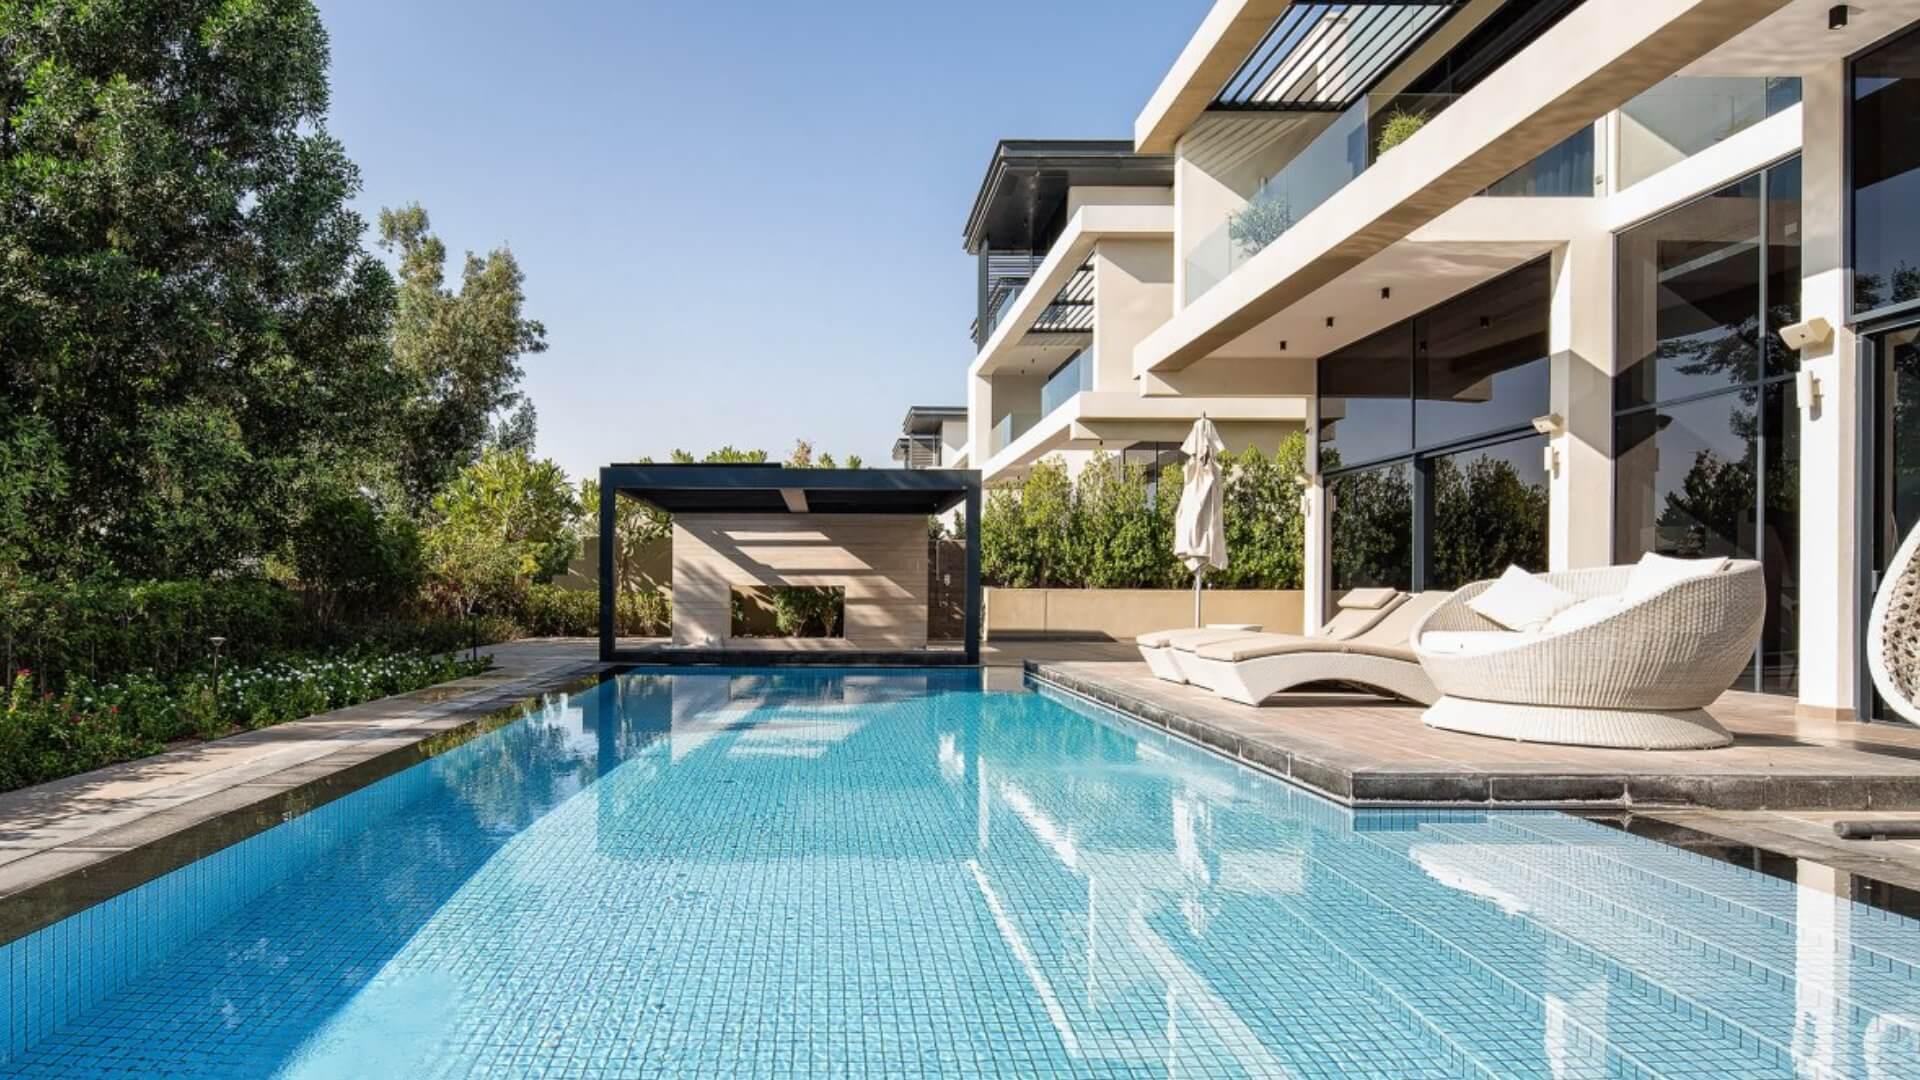 Villa for sale in Dubai, UAE, 6 bedrooms, 1117 m2, No. 24249 – photo 2